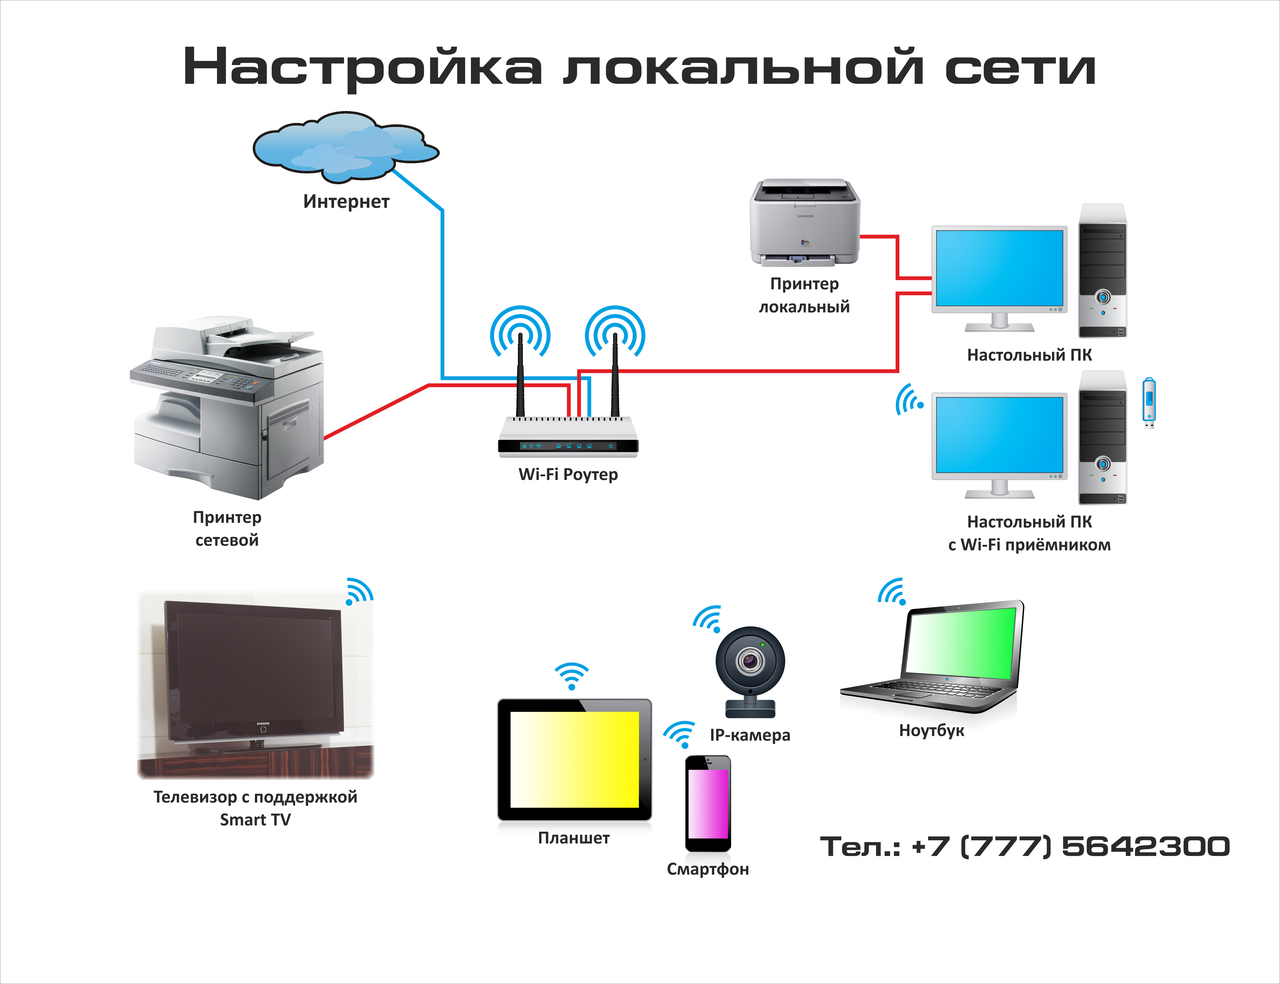 Компьютерные сети: виды, функции, топология | твой сетевичок